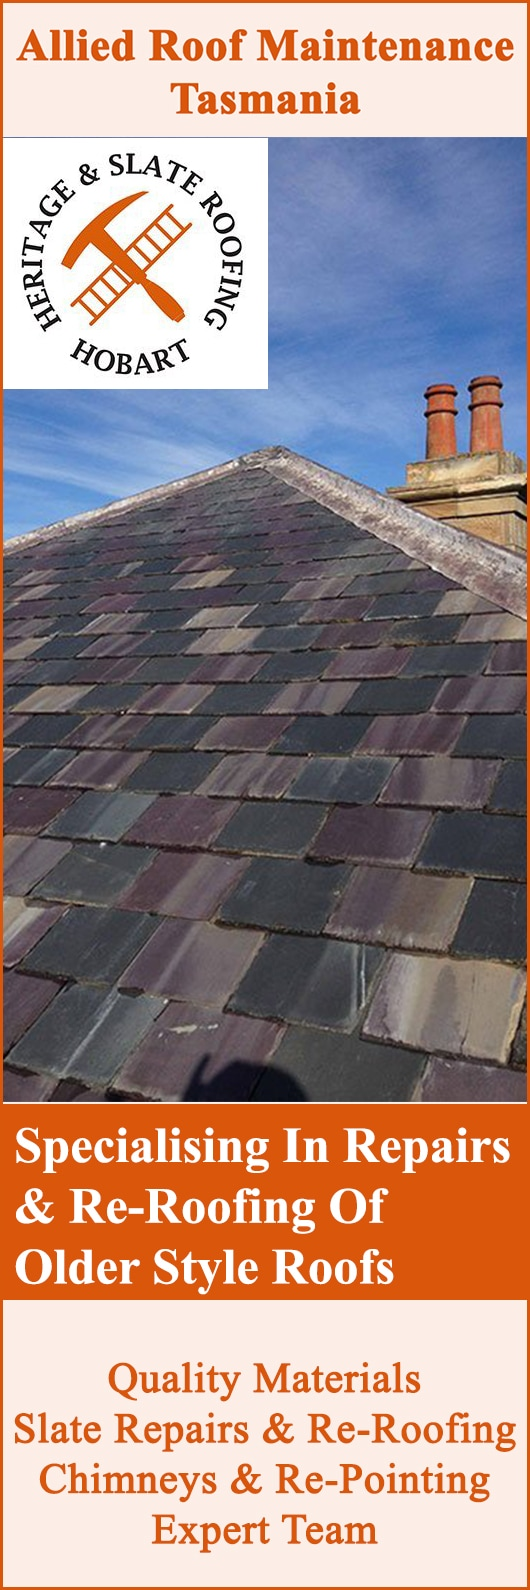 Marvelous Allied Roof Maintenance Tasmania   Promotion